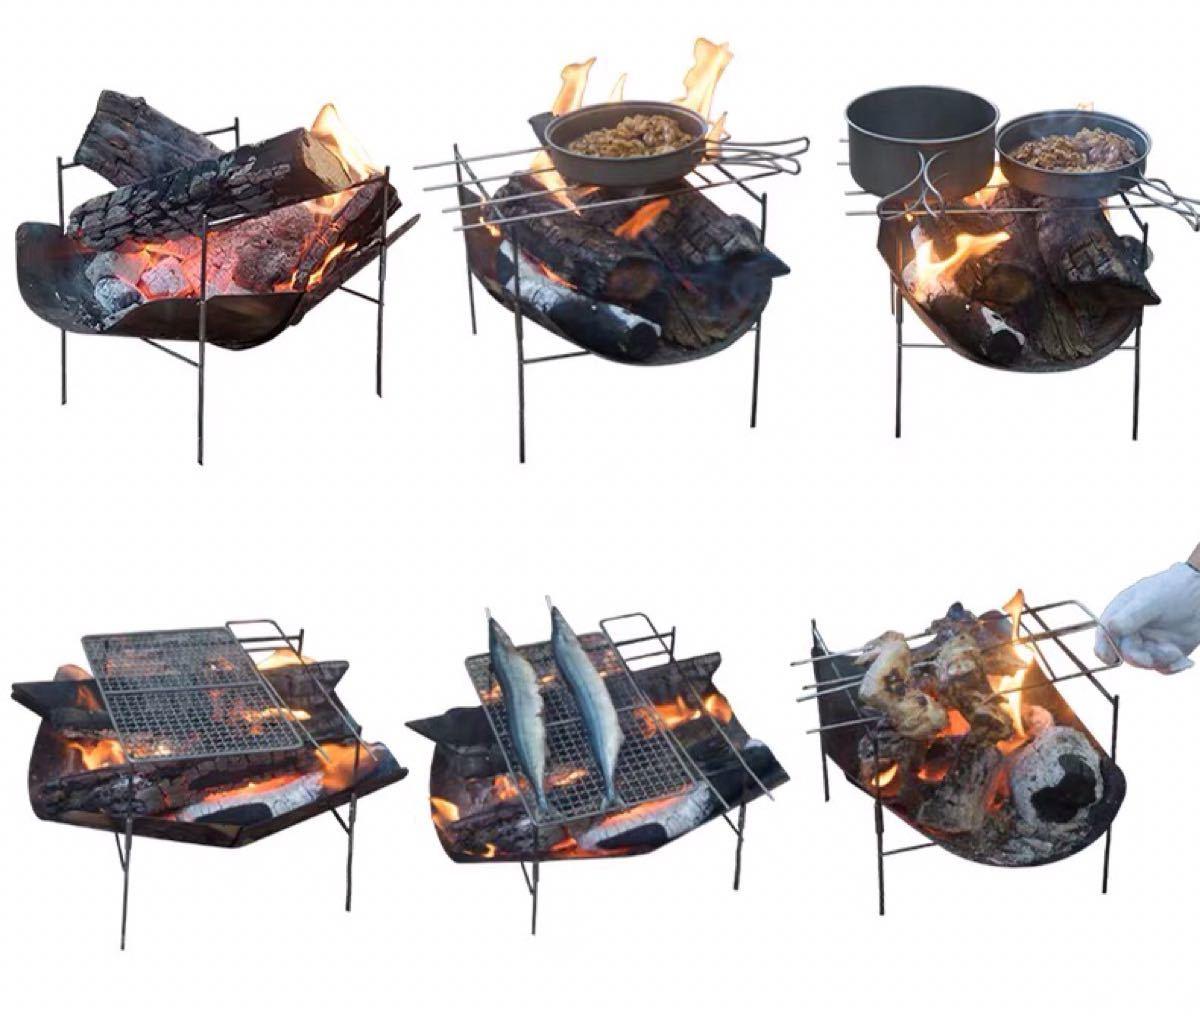 焚き火台 焚火台 頑丈 キャンプ用品 スピット3本付属 バーベキューコンロ